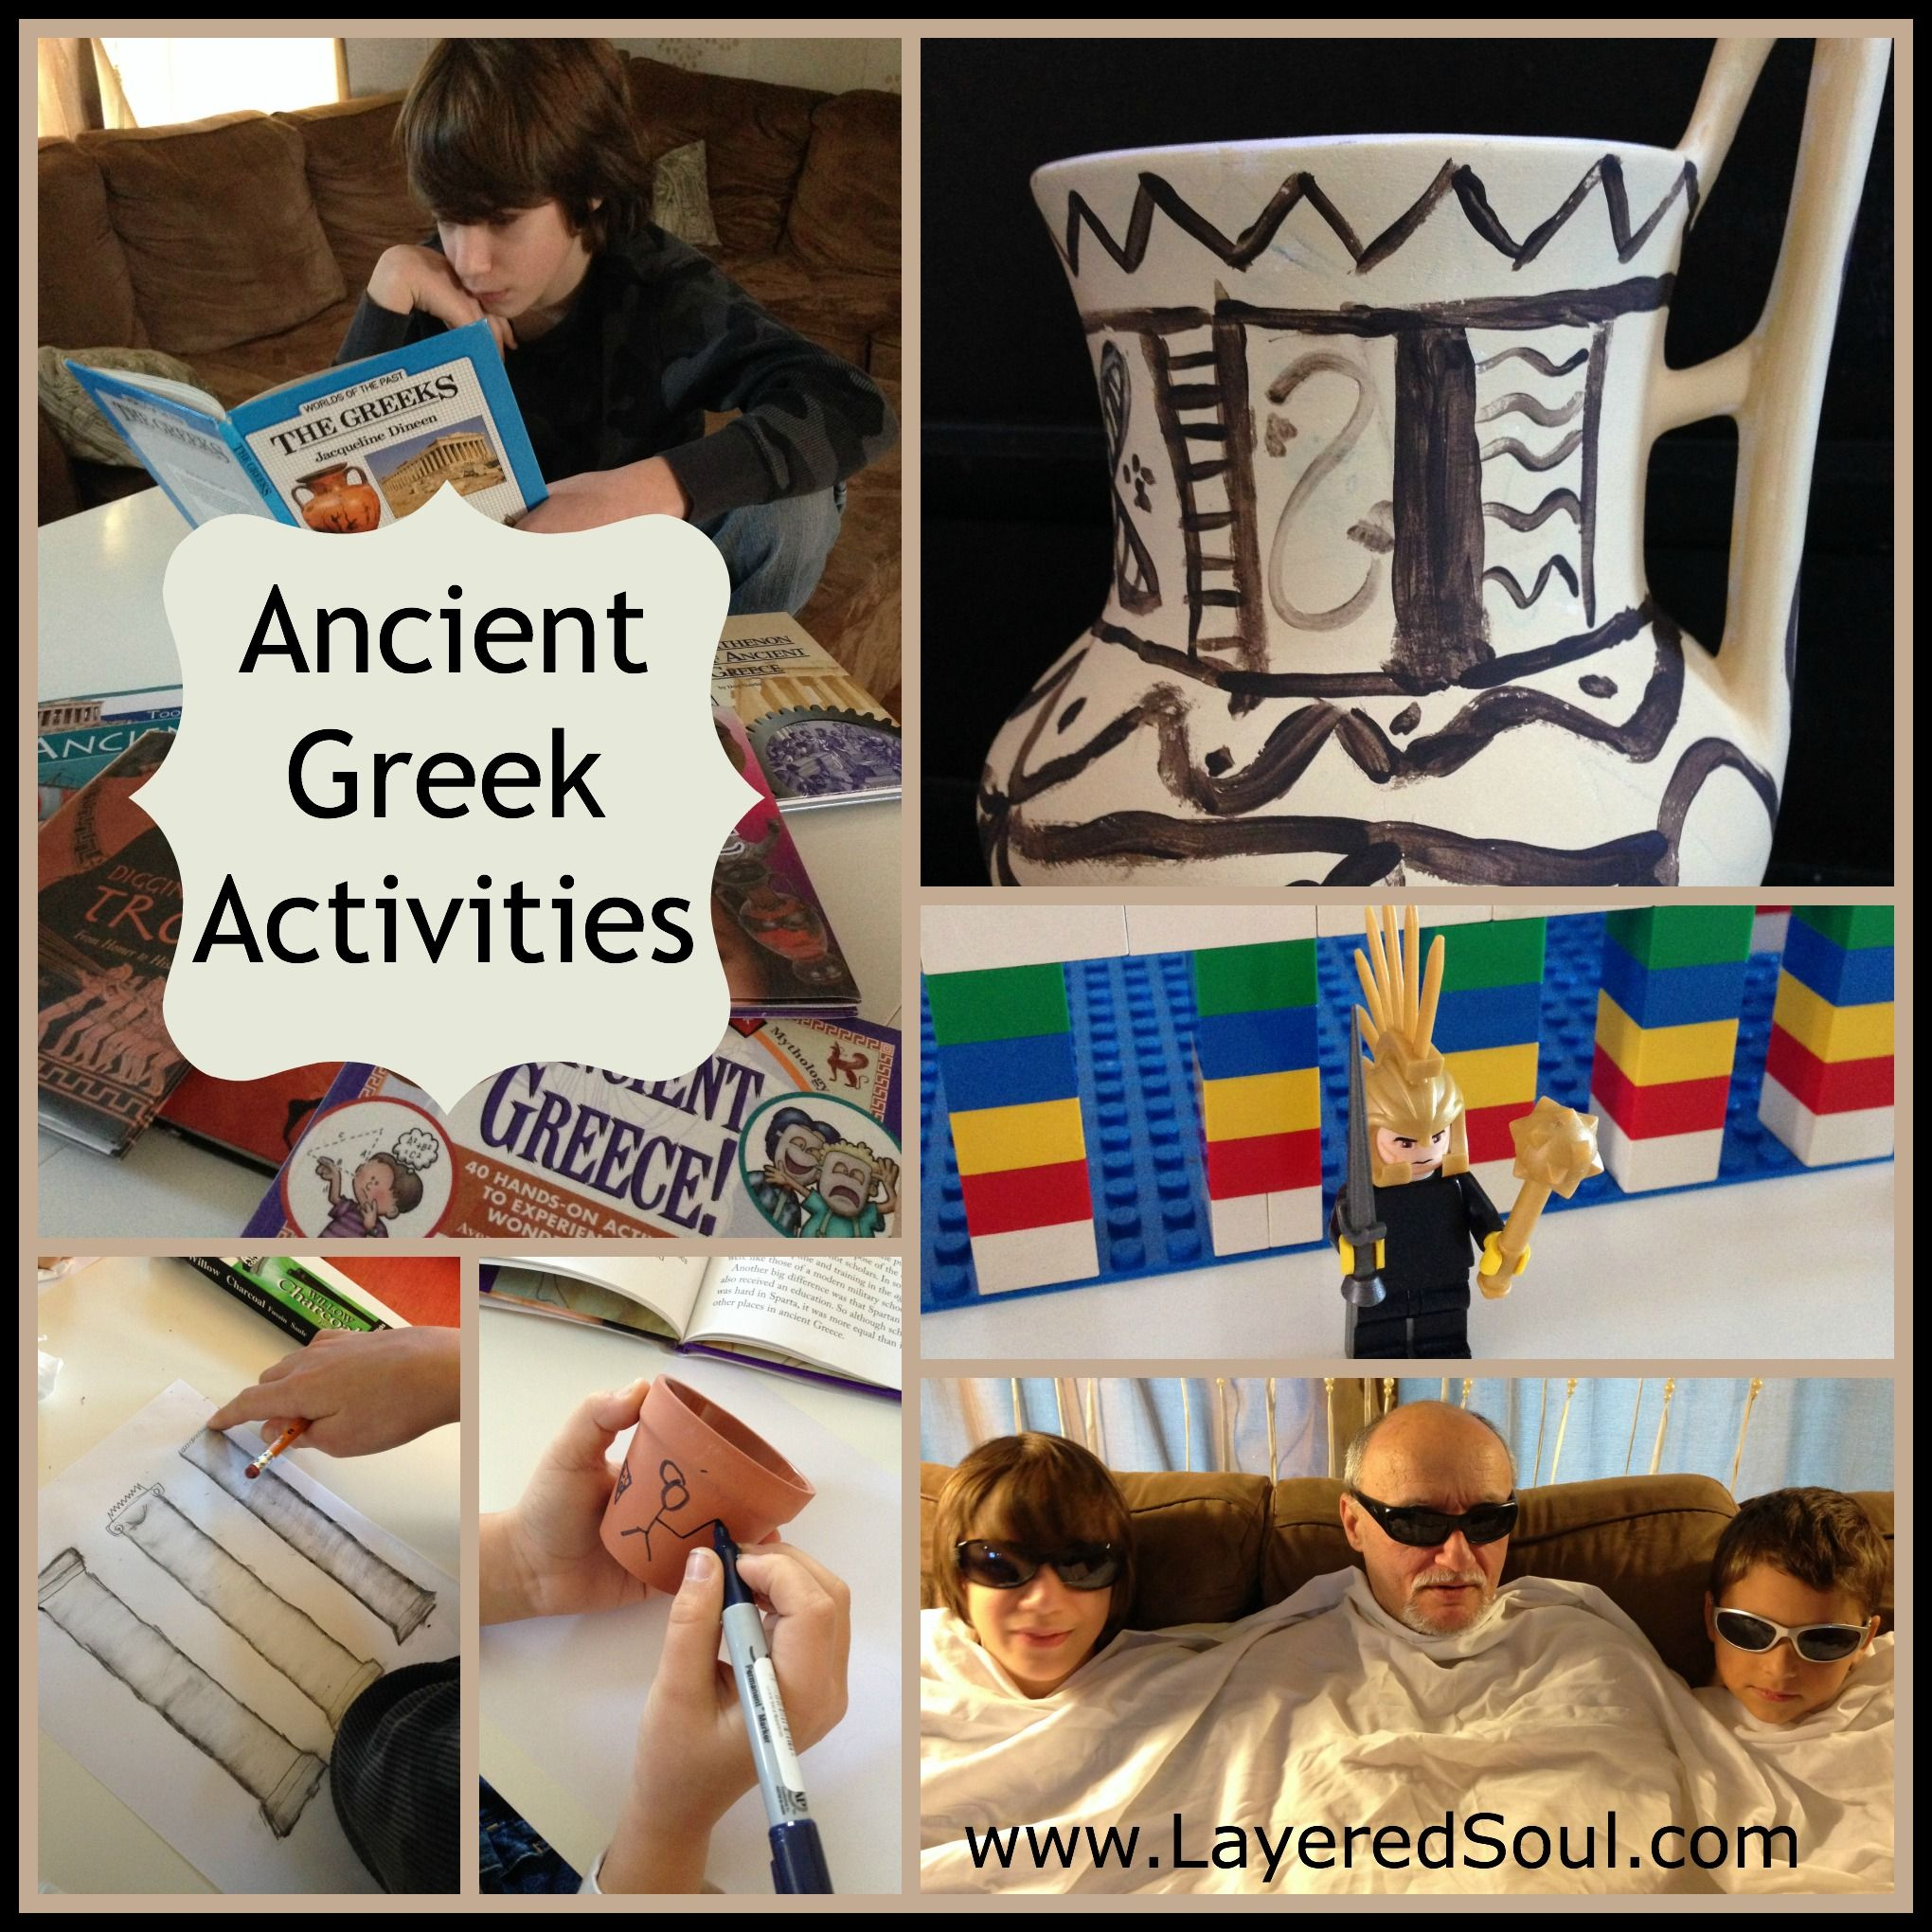 Ancient Greek Activities